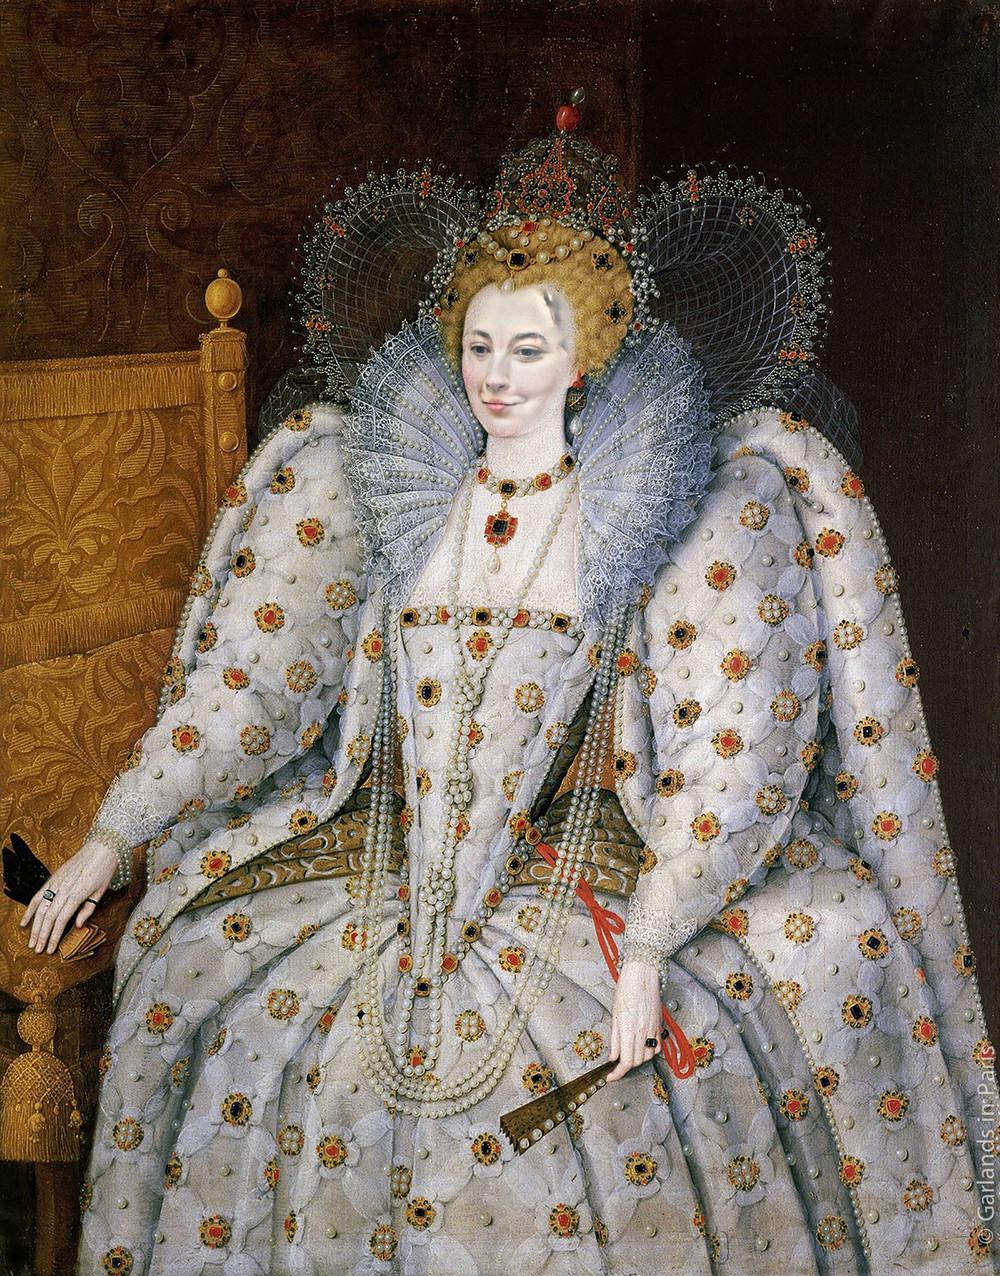 Queen Elizabeth portrait, Musée du Luxembourg, Paris